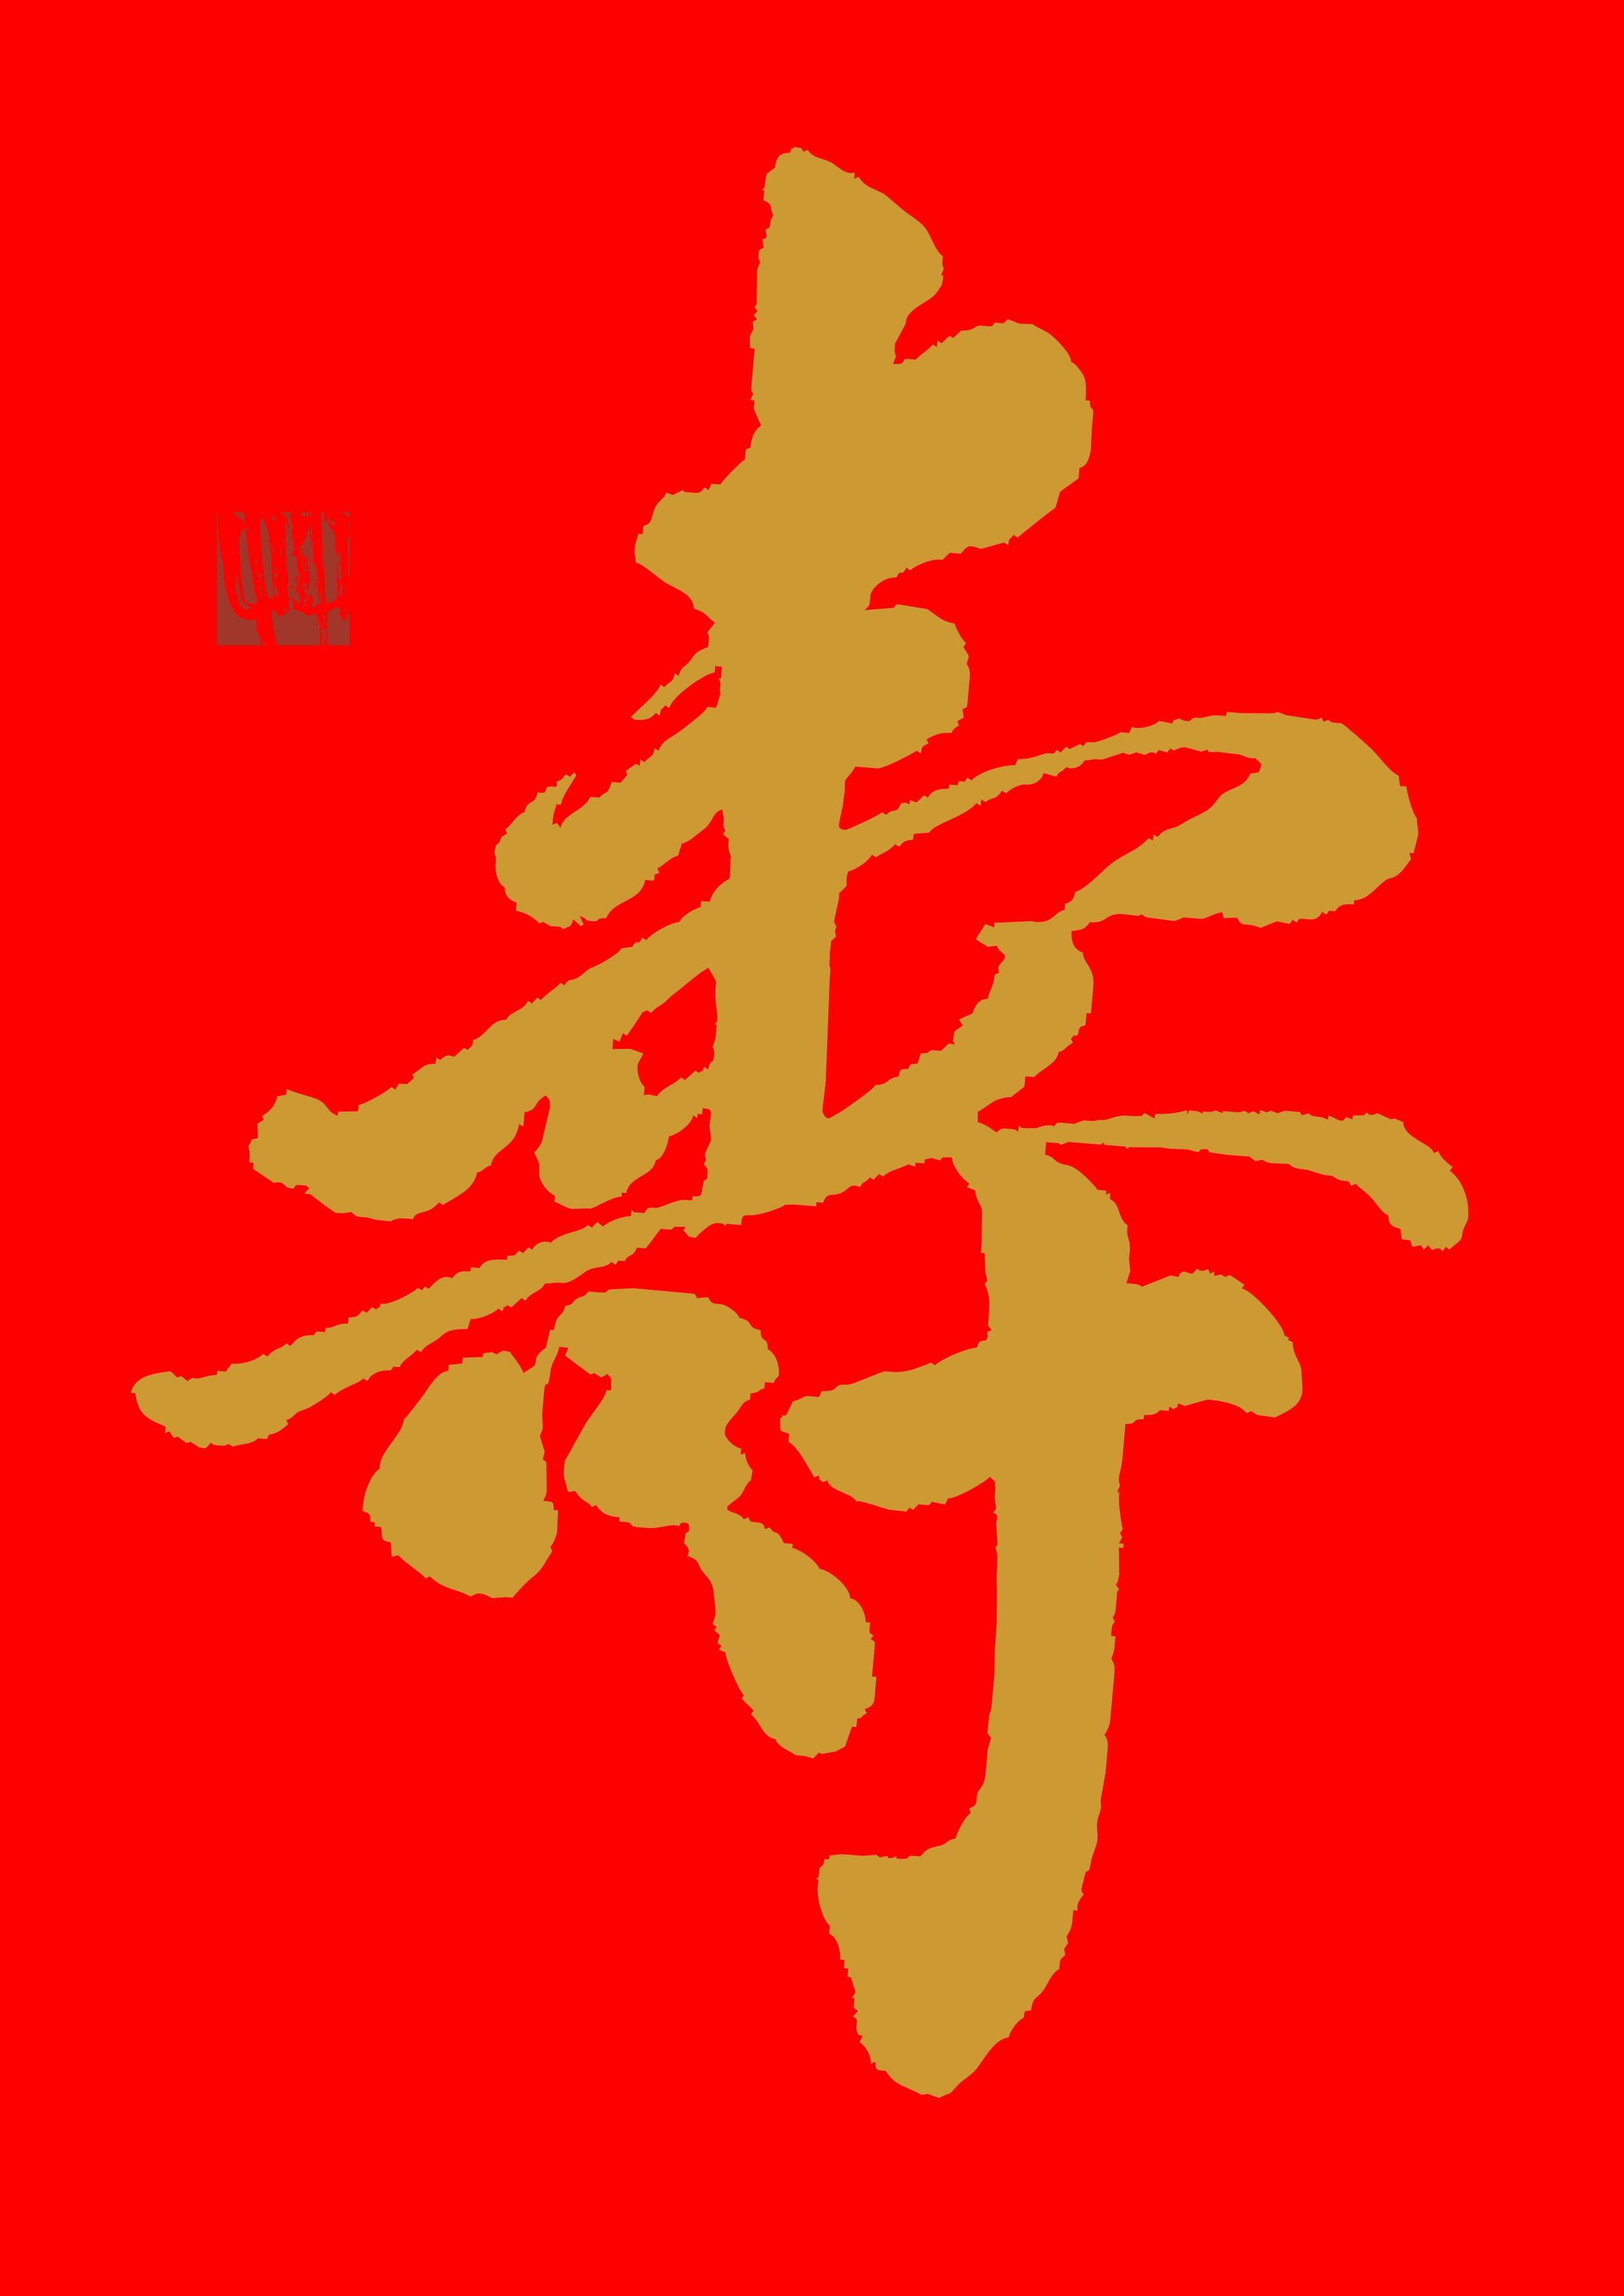 寿字-松寿延年 榜字类